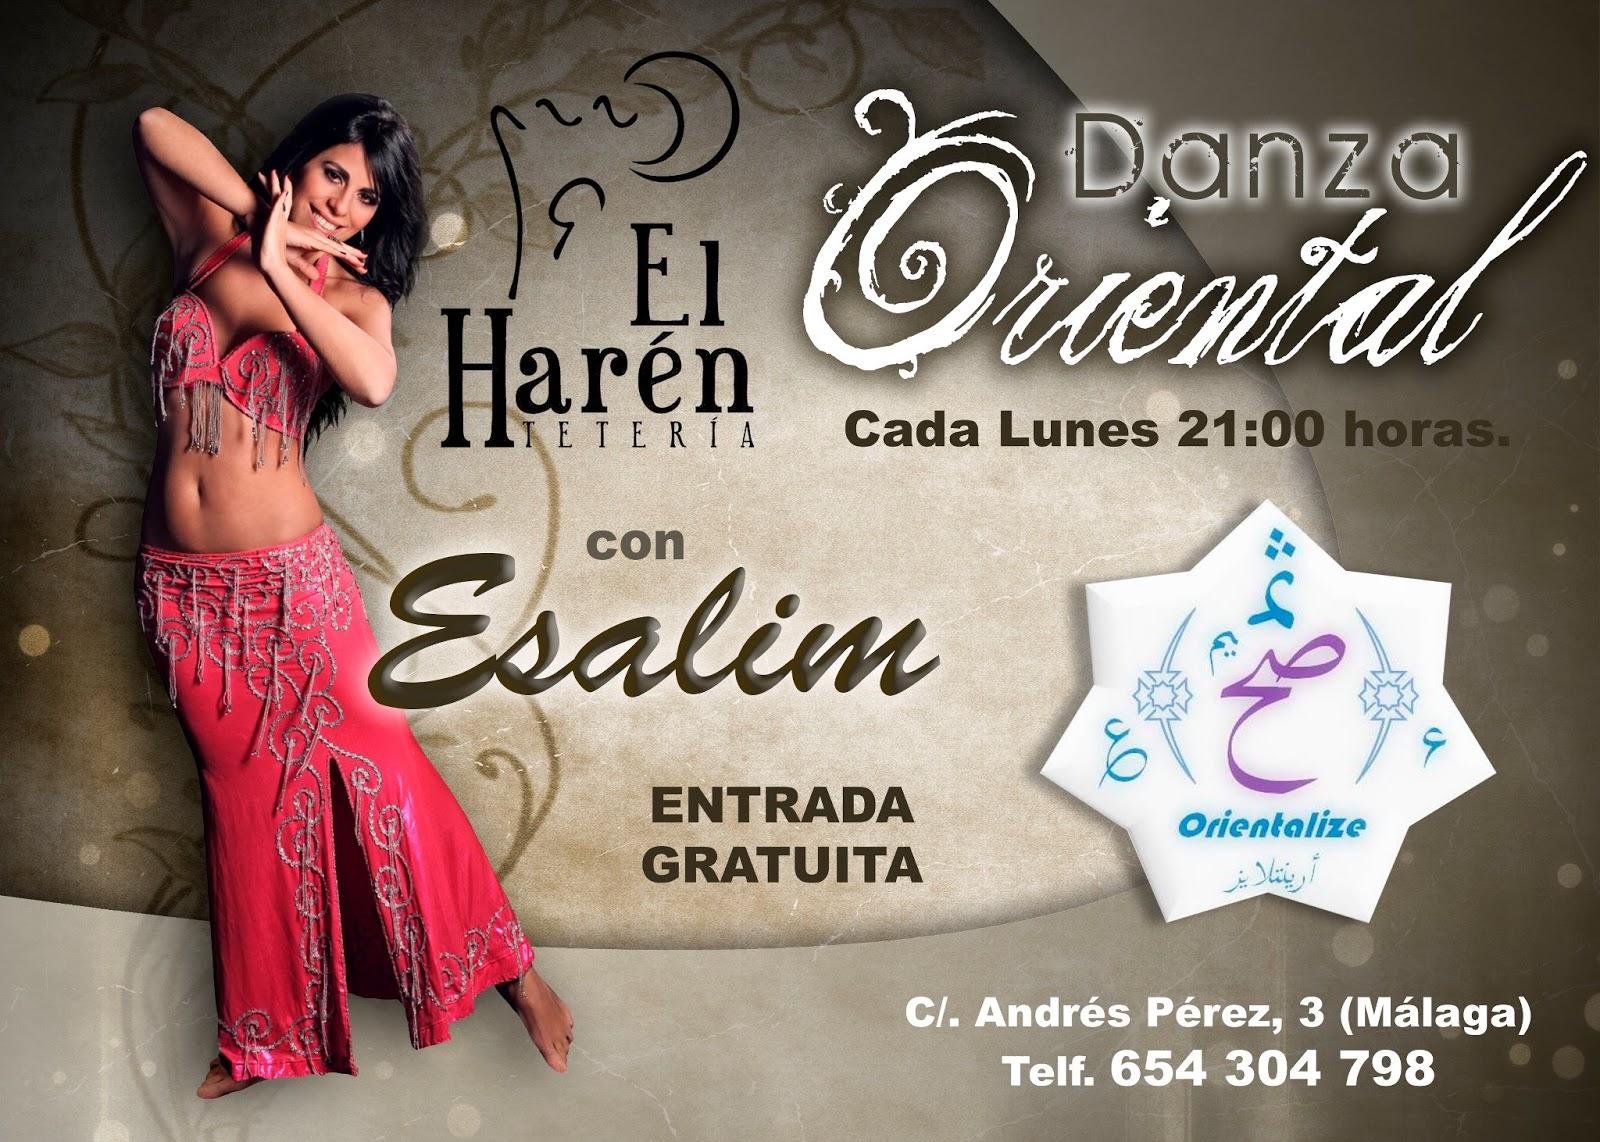 Teteria El Harén Actuación danza oriental cada Lunes a las 21 horas con Esalim (Málaga)